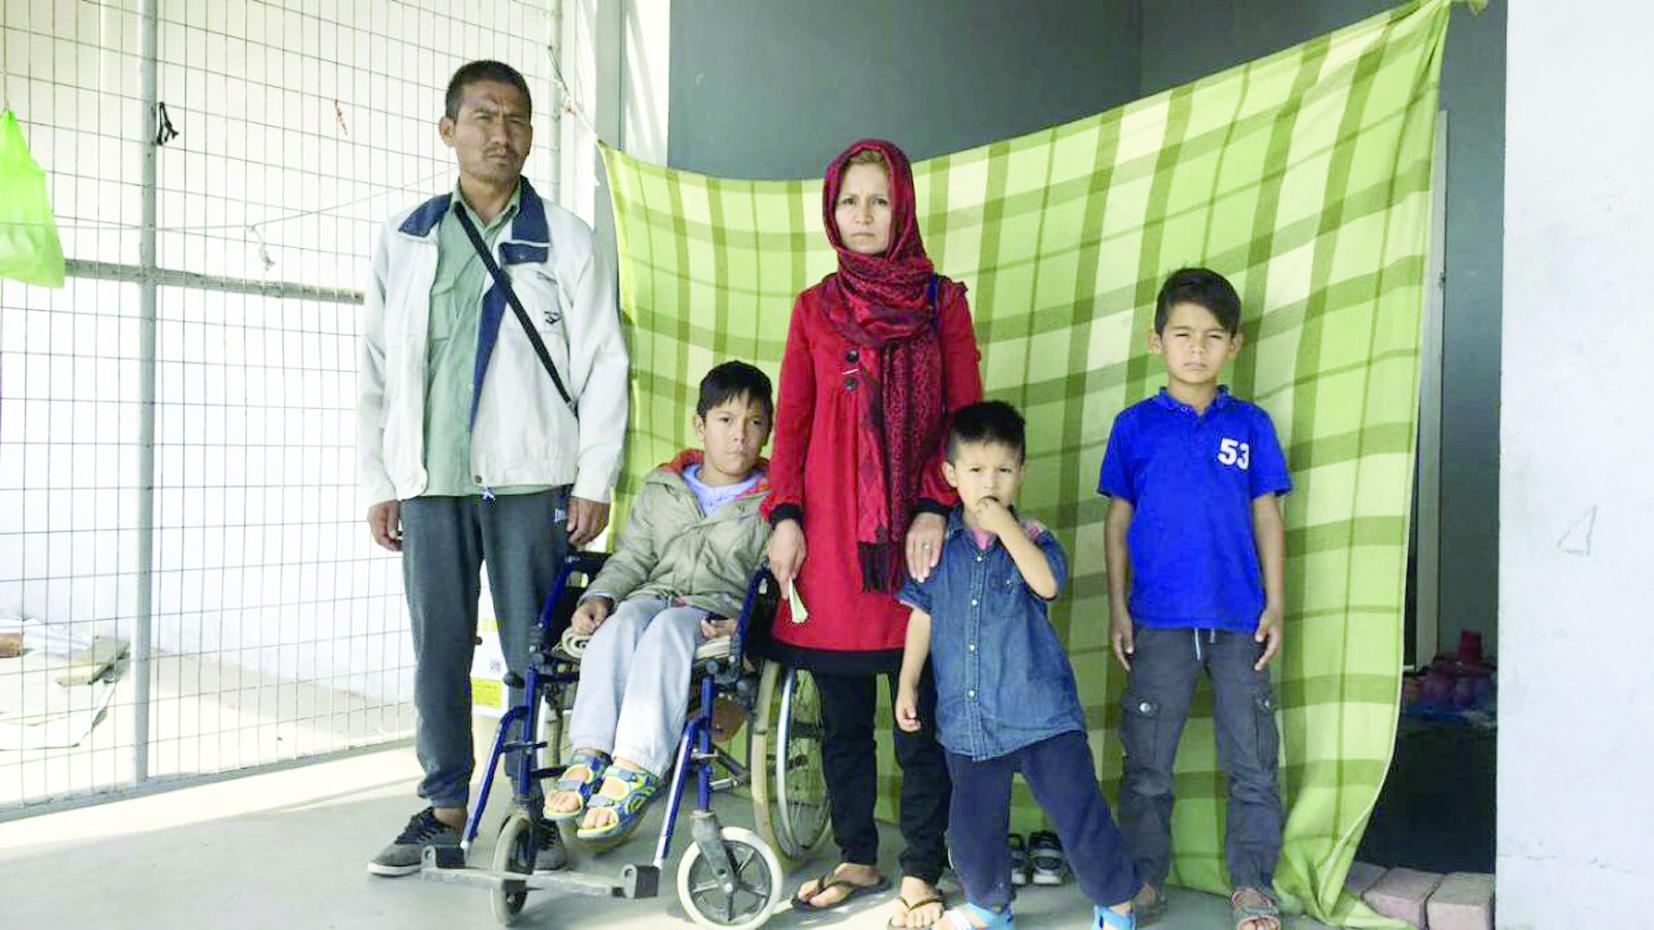 منظمة دولية: اليونان تتجاهل المهاجرين ذوي الاحتياجات الخاصة